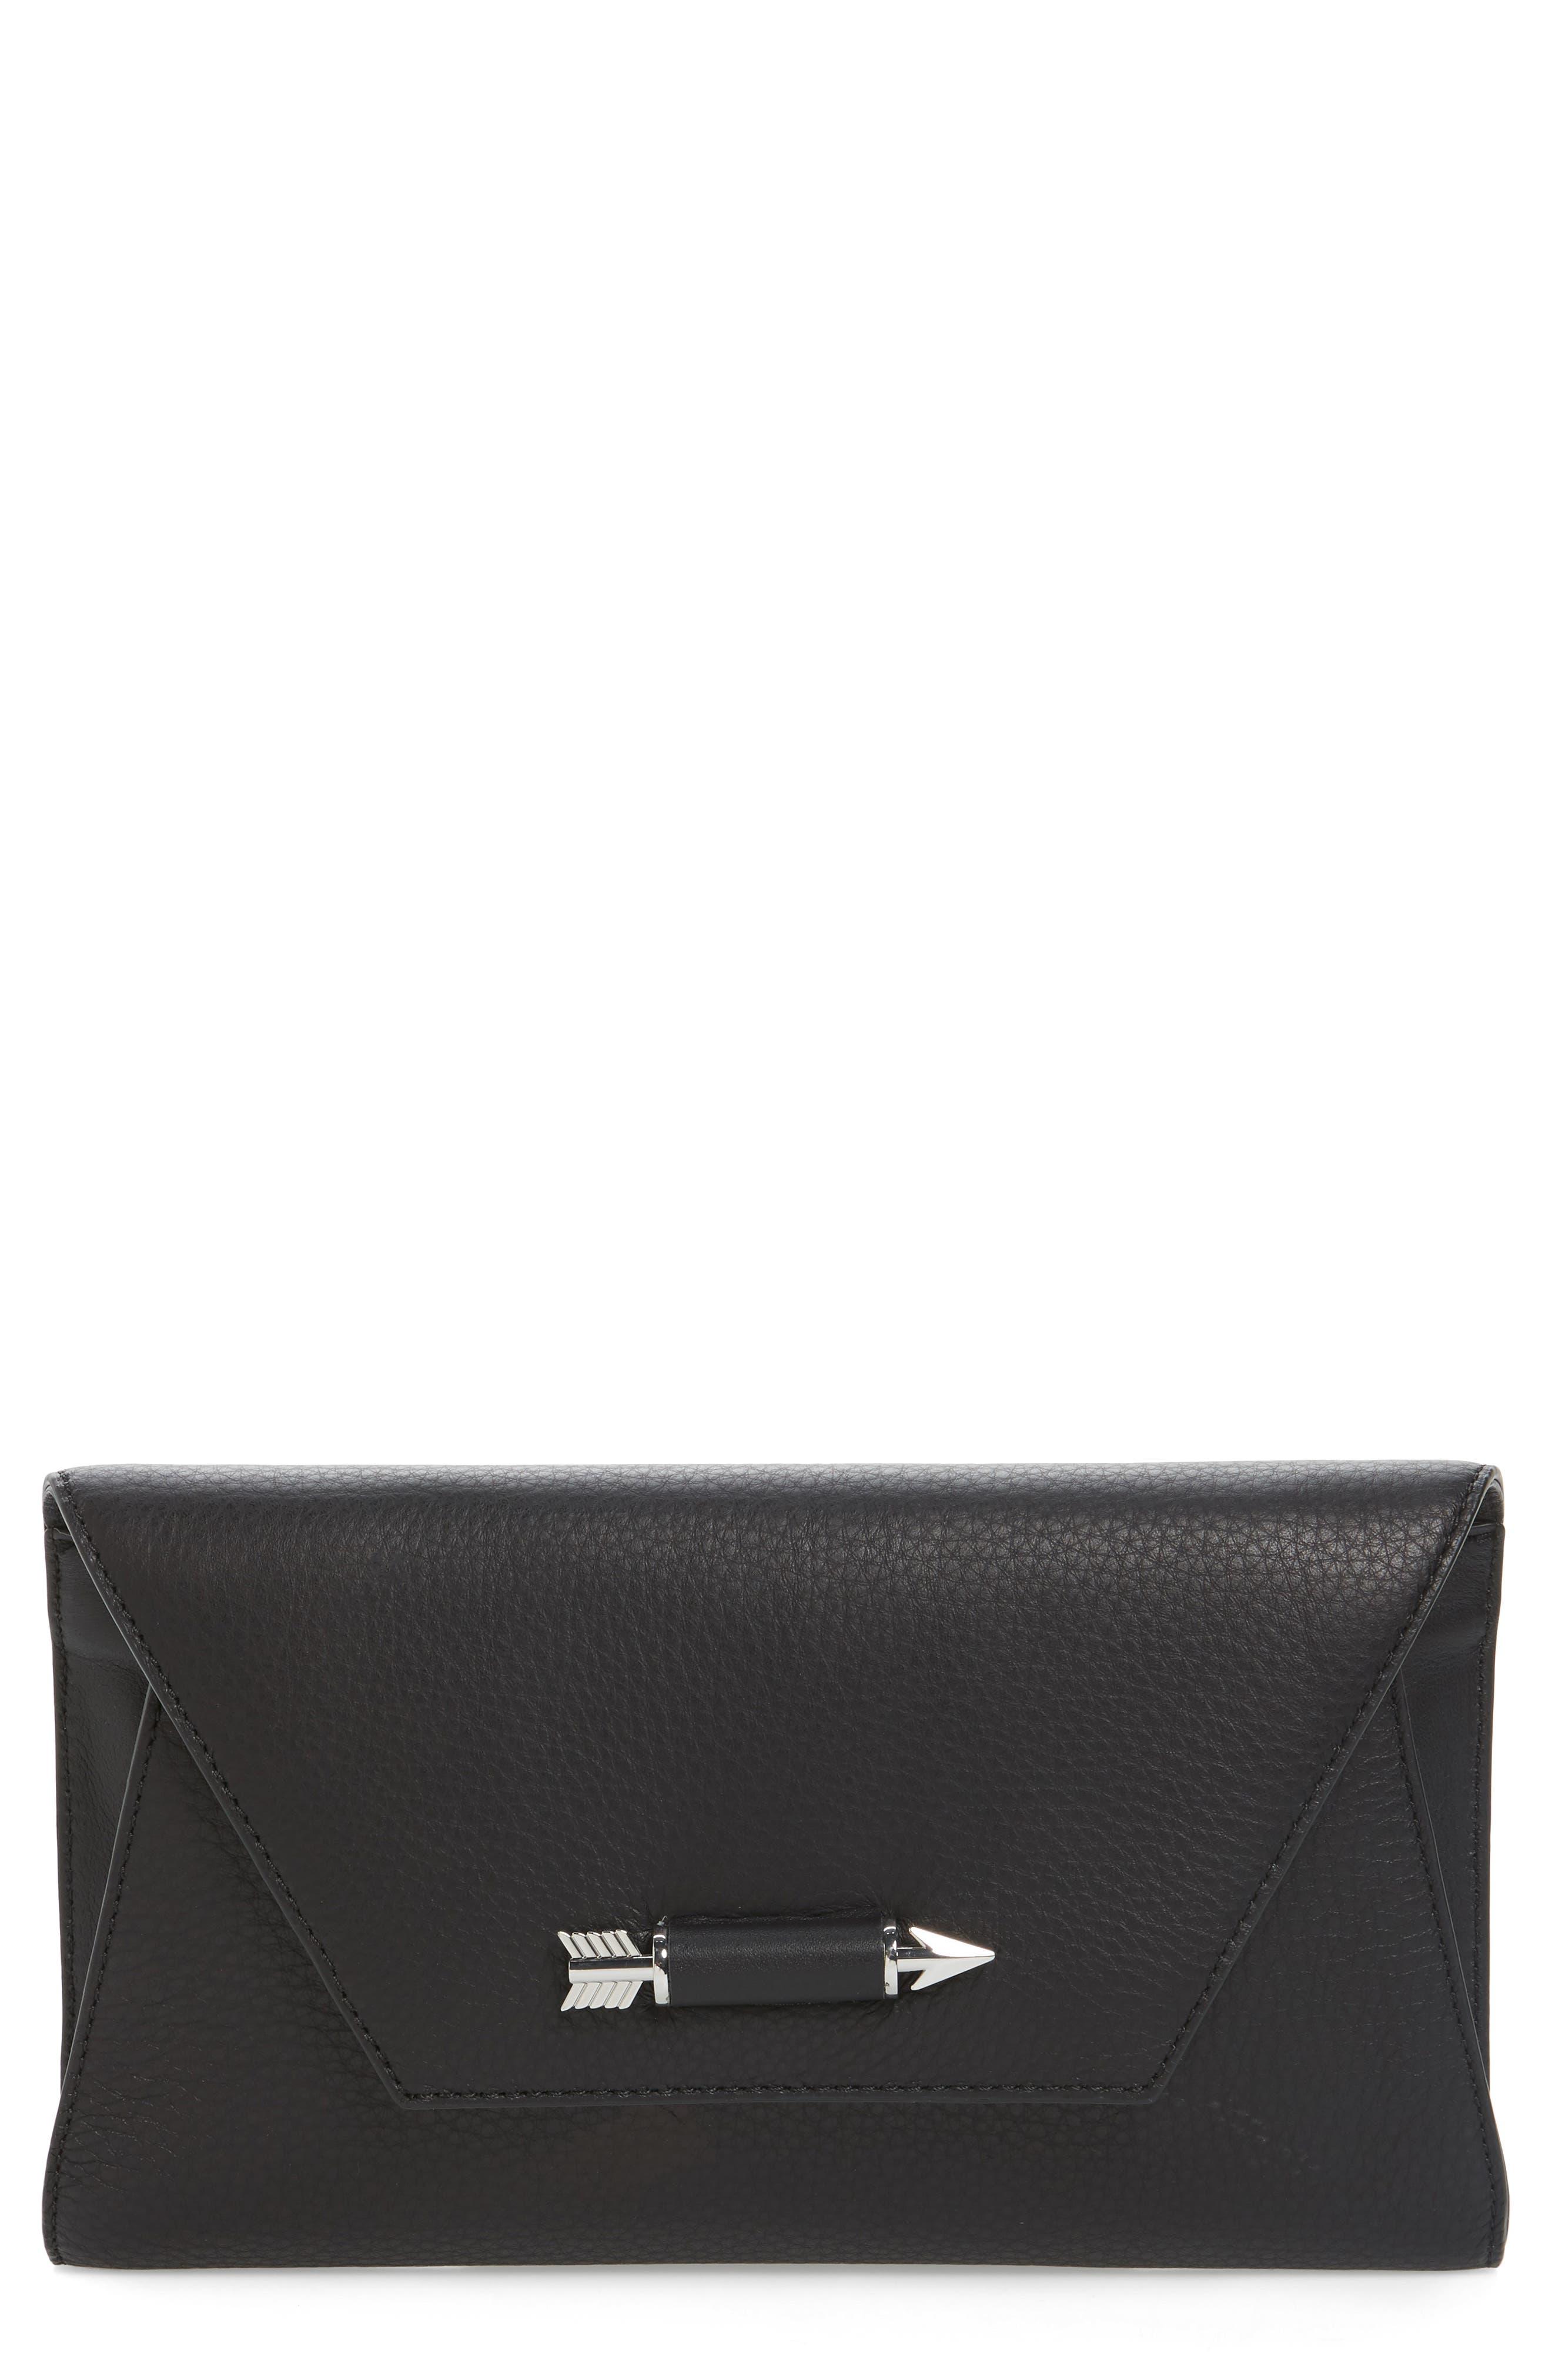 Flex Leather Envelope Clutch,                             Main thumbnail 1, color,                             001